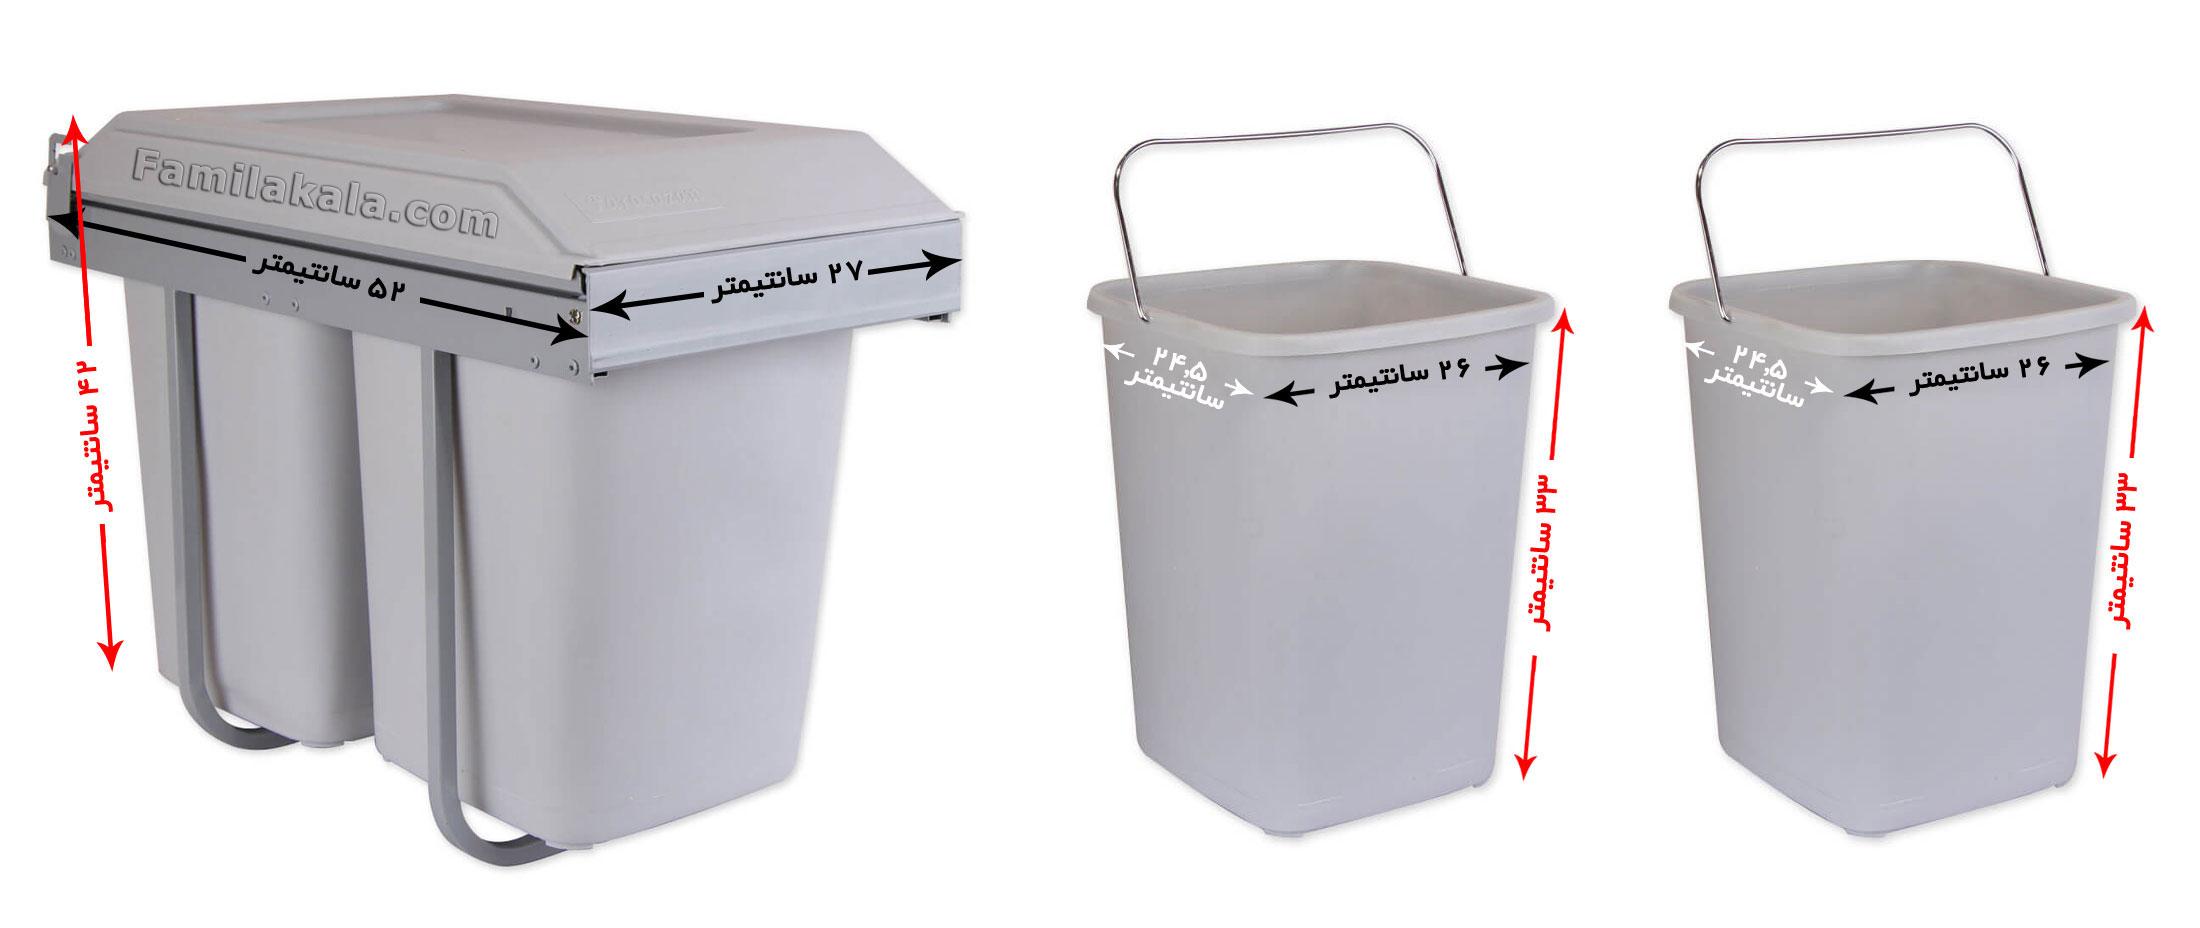 راهنمای ابعاد  سطل زباله درون کابینتی فراسازان